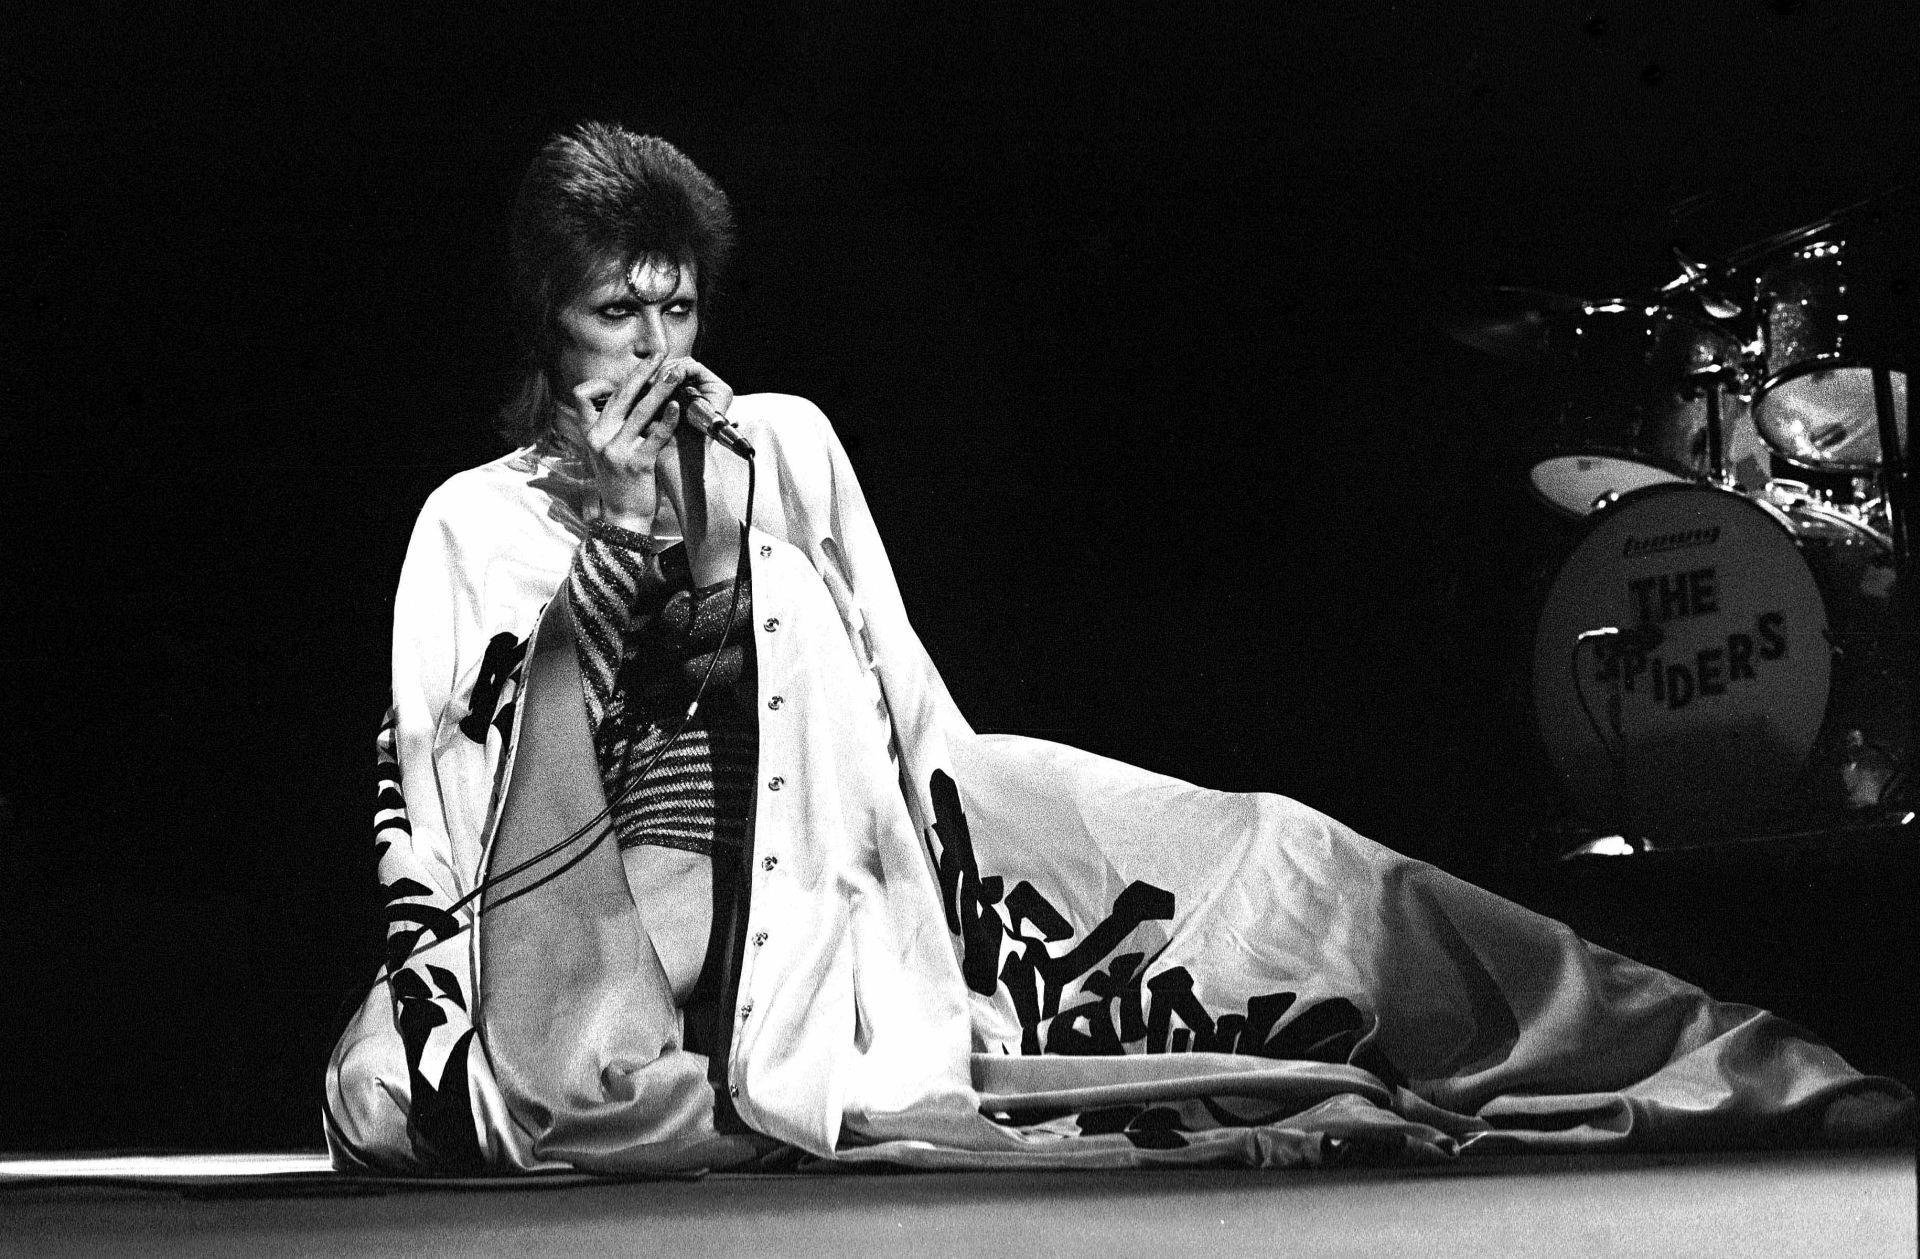 David Bowie 1973 májusában, a Ziggy Stardust turnéjának egyik koncertállomásán.